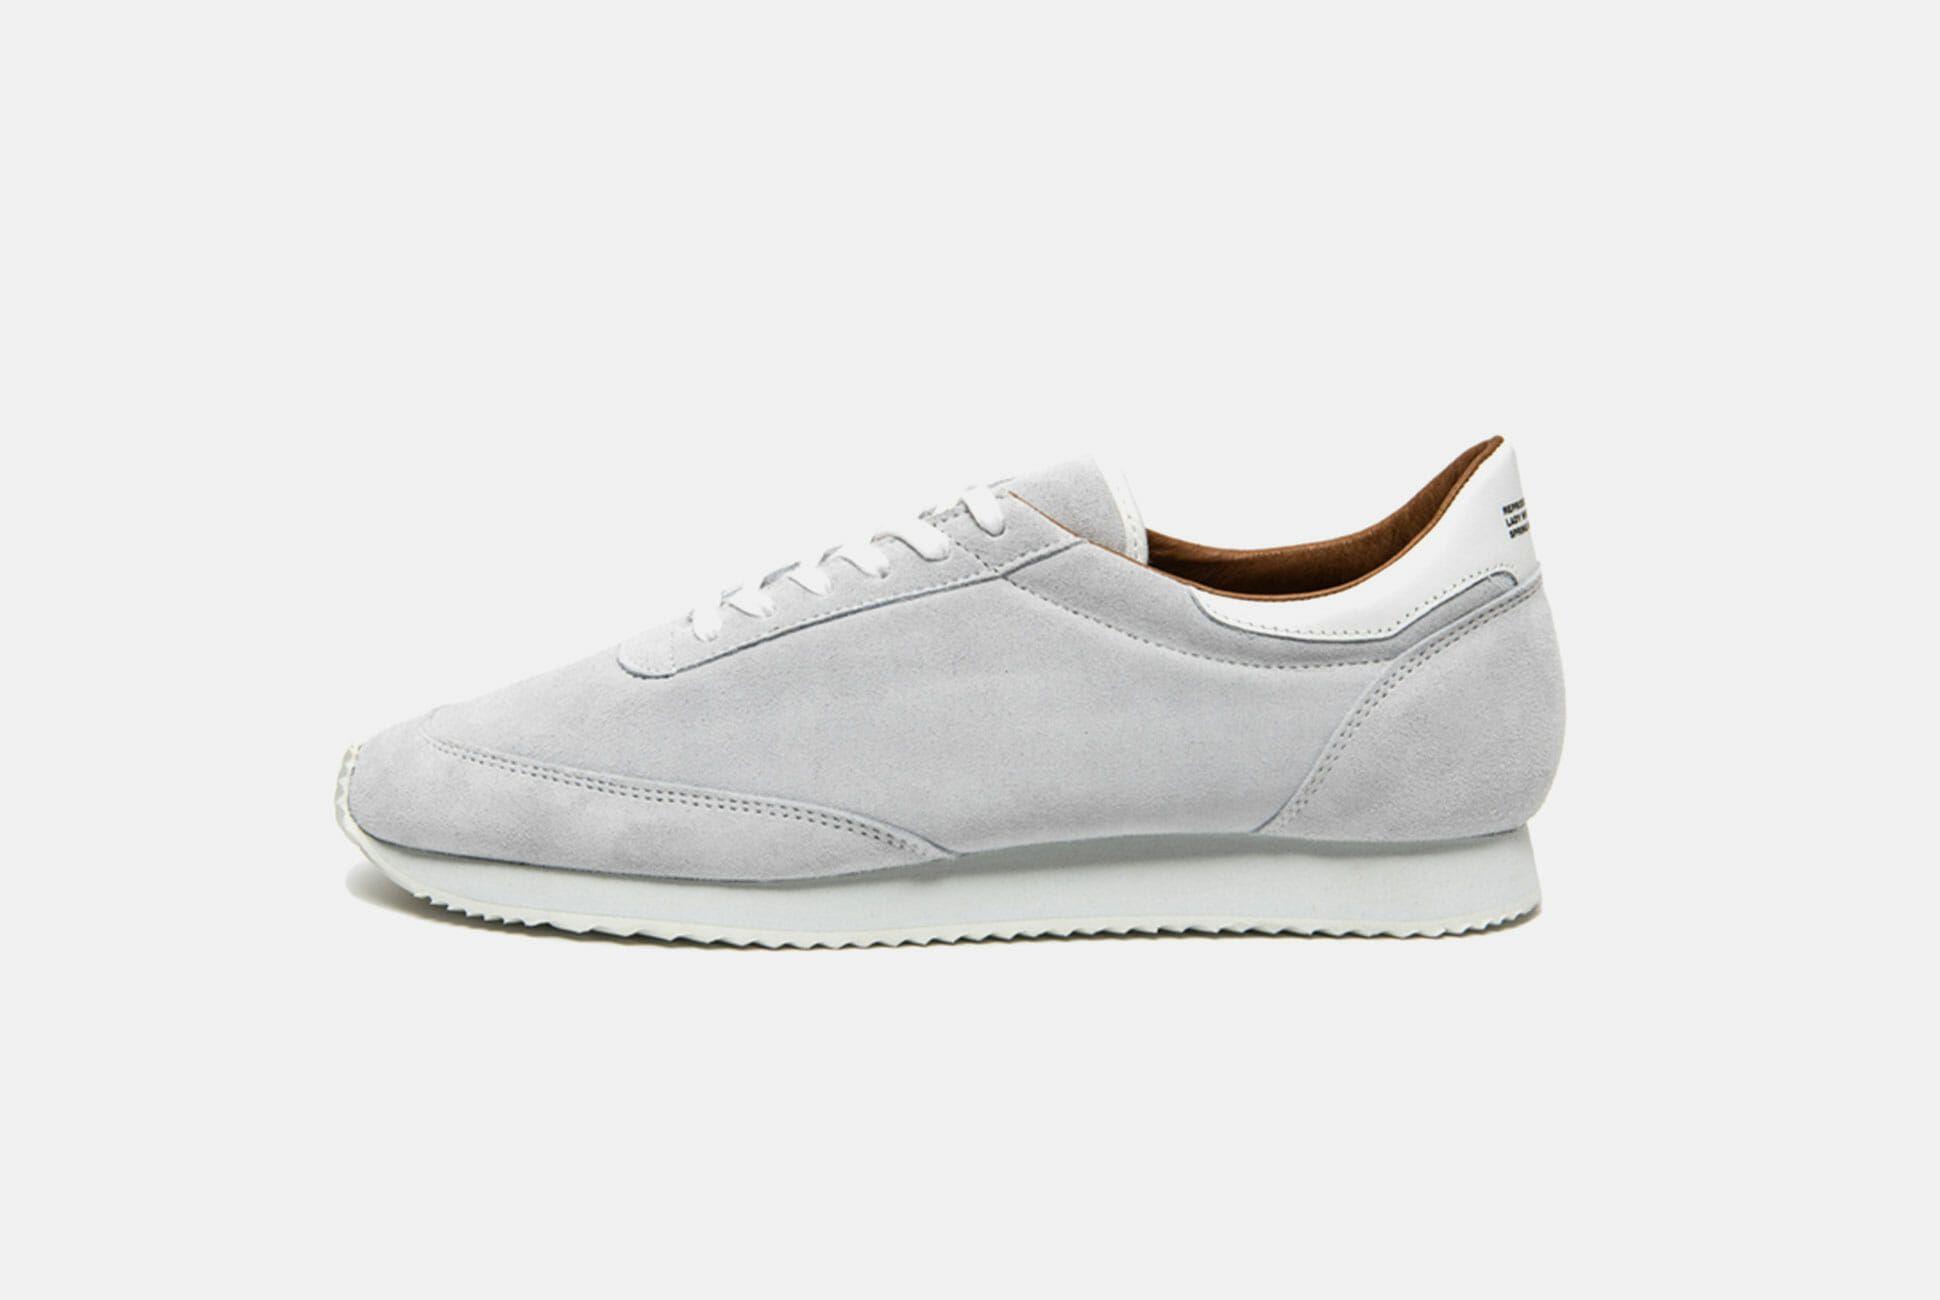 Lady-White-Co-Sneakers-Gear-Patrol-slide-1